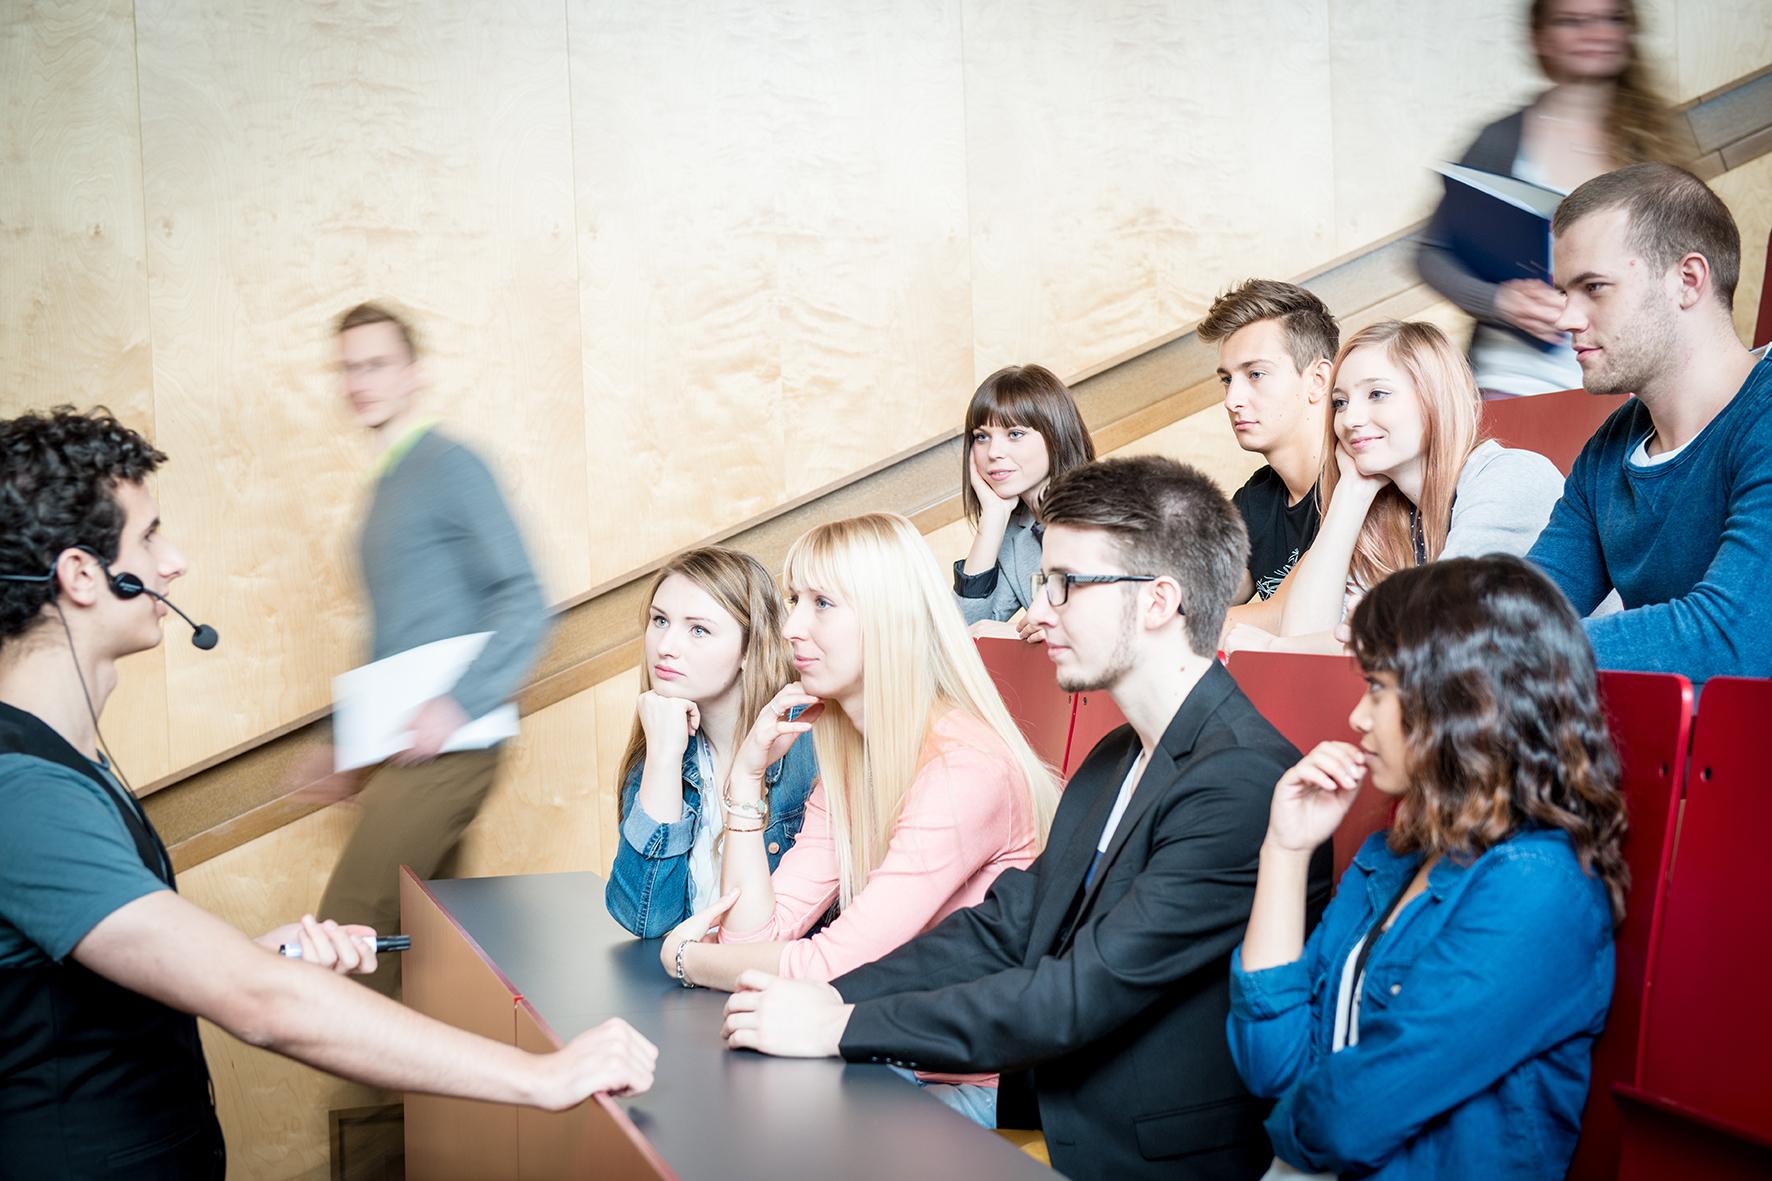 Ziemlich Student Setzt Für Praktika Fort Galerie - Beispiel Business ...